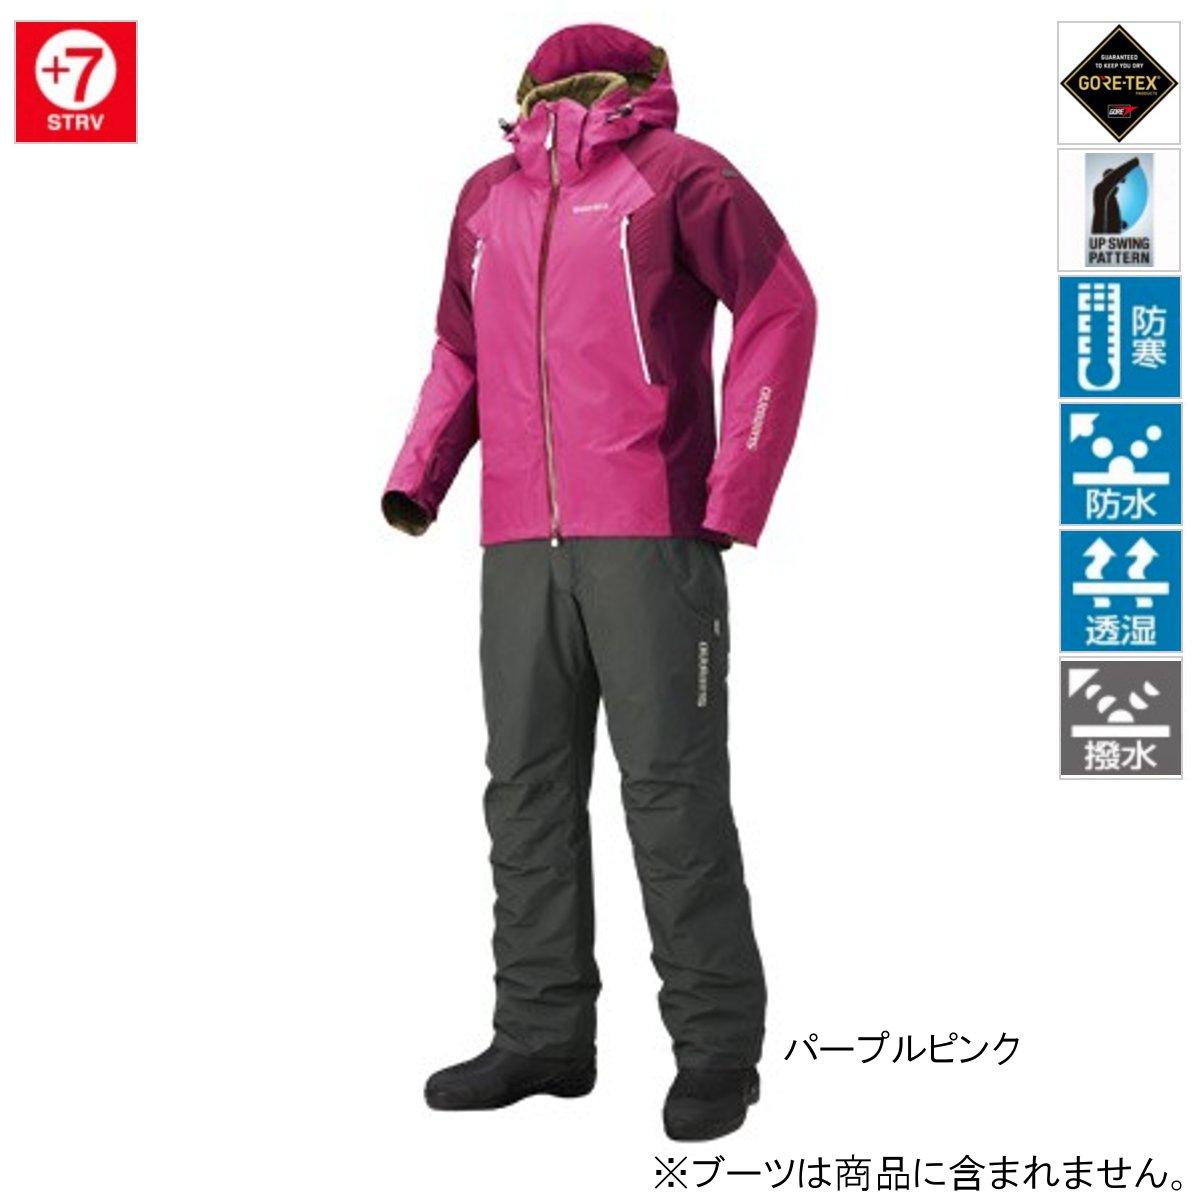 シマノ GORE-TEX ベーシックウォームスーツ RB-017R XL パープルピンク(東日本店)